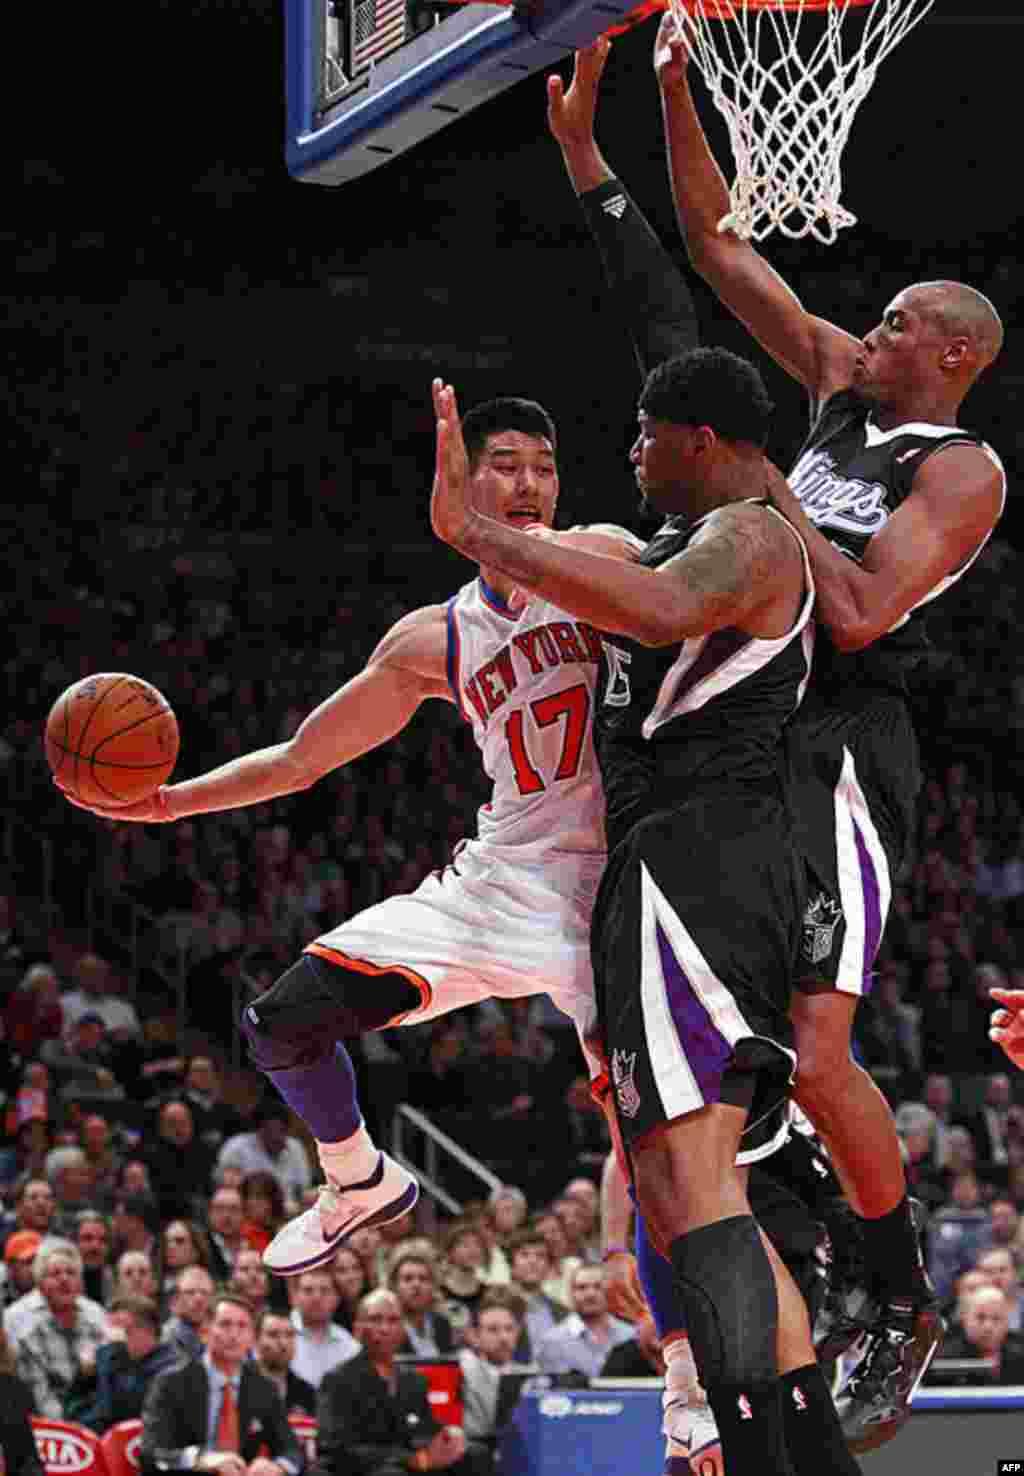 Jeremy Lin vượt qua DeMarcus Cousins (giữa) của đội Kings và Travis Outlaw (phải) để ném bóng vào rổ trong hiệp đầu của trận đấu của NBA hôm 12/2/12 ở New York (AP)